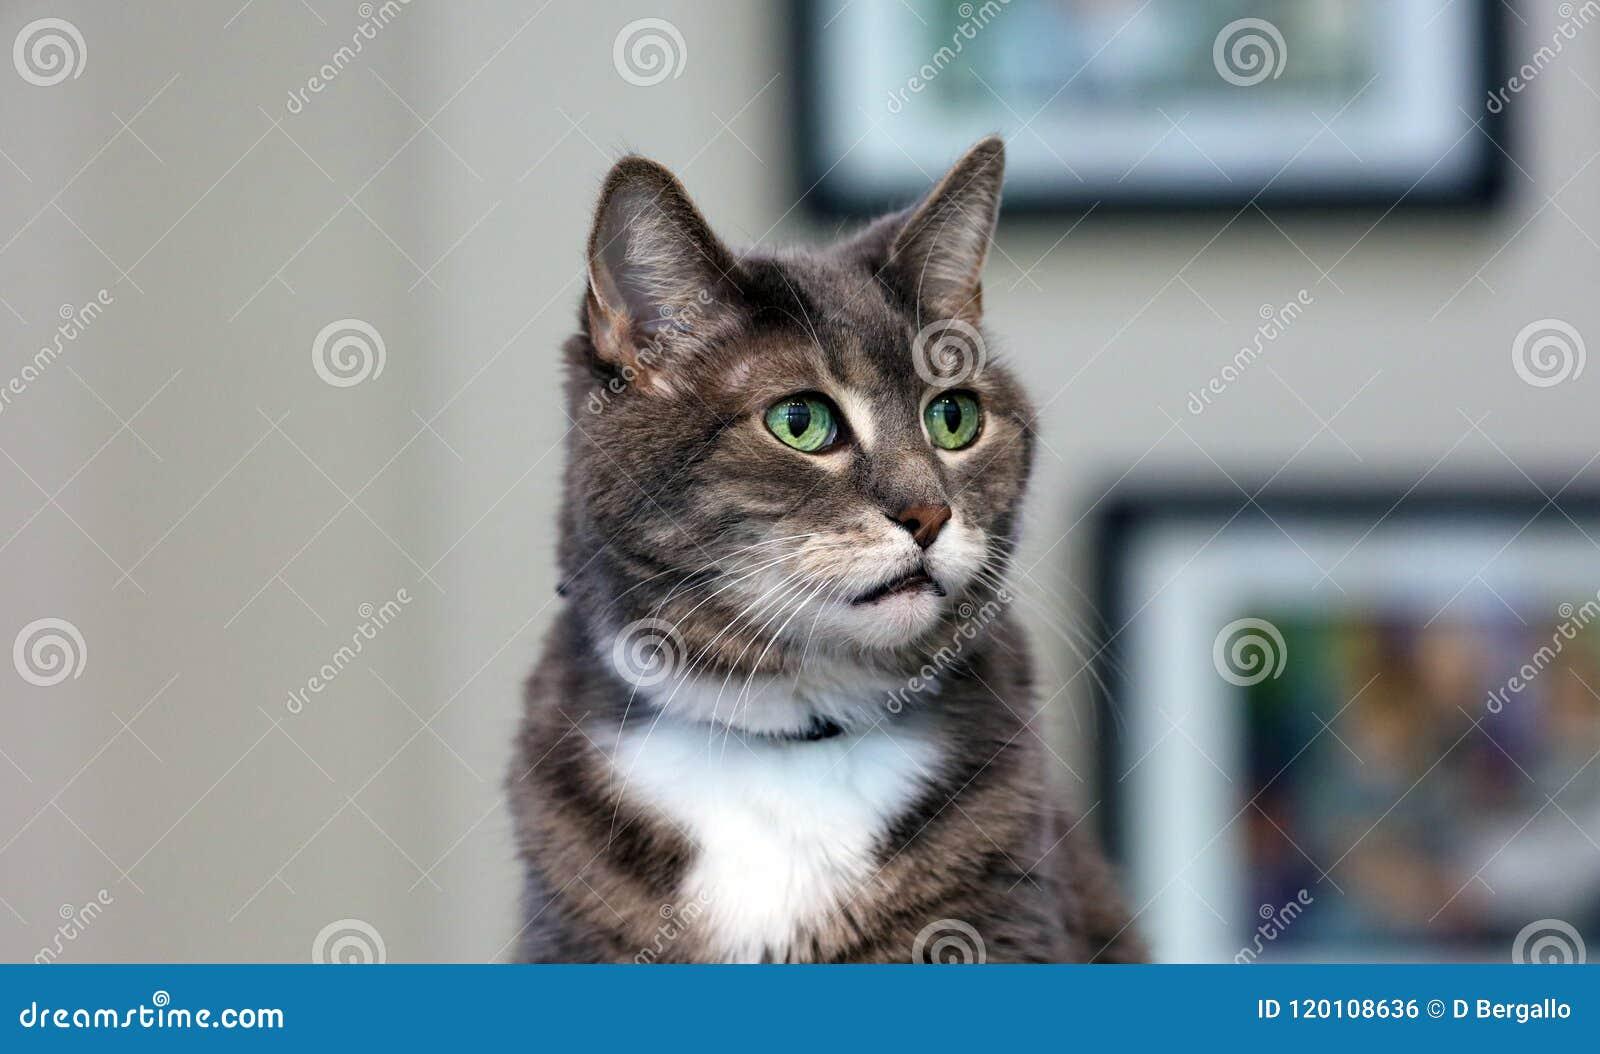 Weibliche Katze der schönen grün-blauen Augen, hypoallergenic Katze Tier, das Haustier durch Leute sein kann, die zu den Katzen a